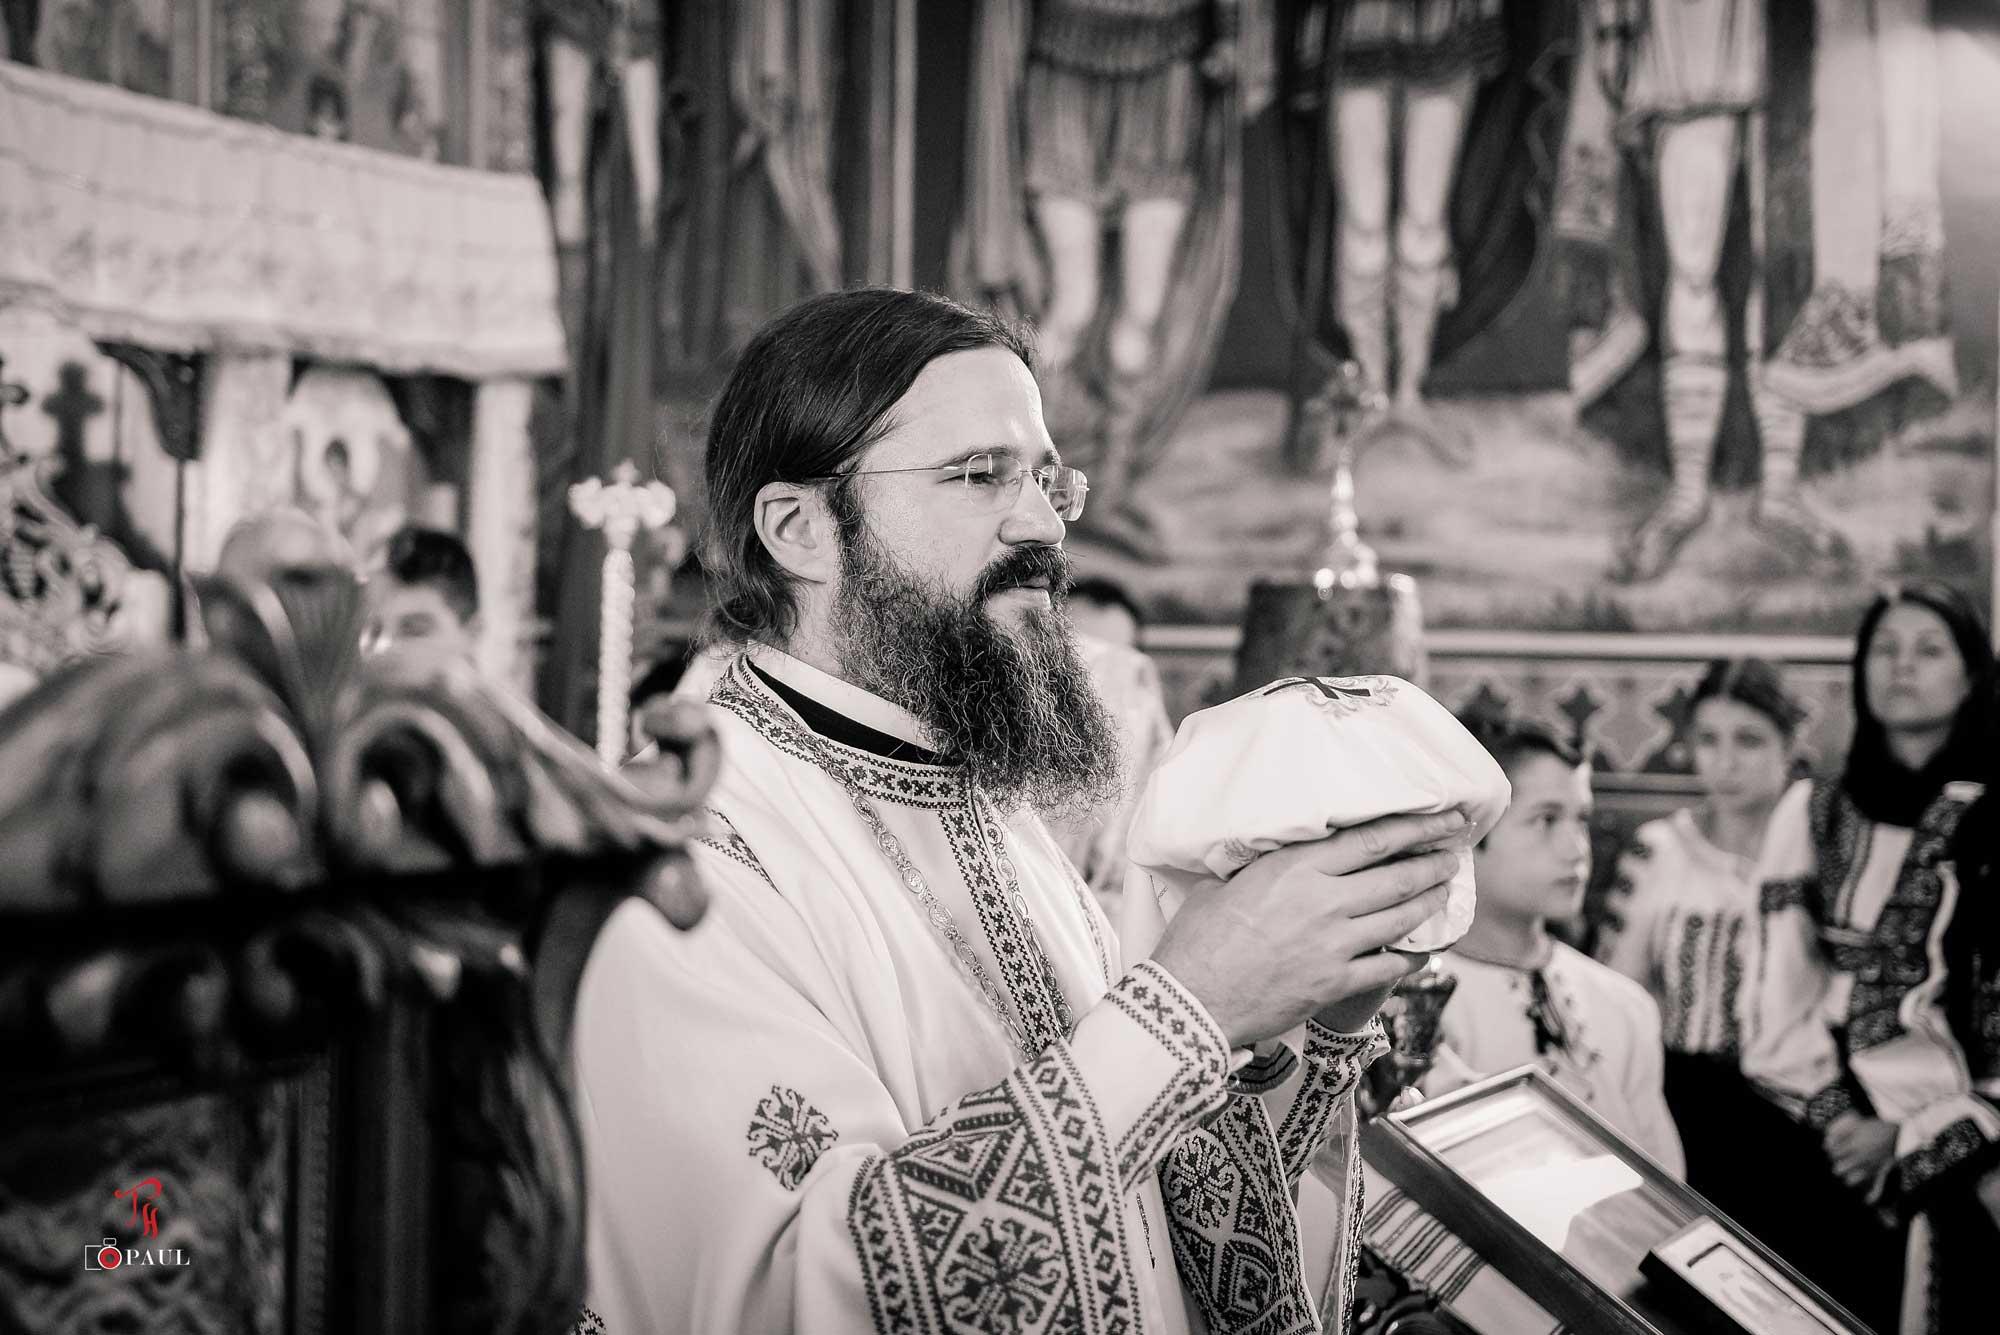 """PILDA NUNȚII FIULUI DE ÎMPĂRAT – cuvântul PS MACARIE, Episcopul Europei de Nord: SUNTEM GATA DE NUNTĂ? NU NE PUTEM JUCA CU FOCUL, CU MÂNTUIREA! <i>""""Să nu facem din îndelunga dragoste a lui Dumnezeu prilej de păcat pentru noi!""""</i> (AUDIO, text)"""